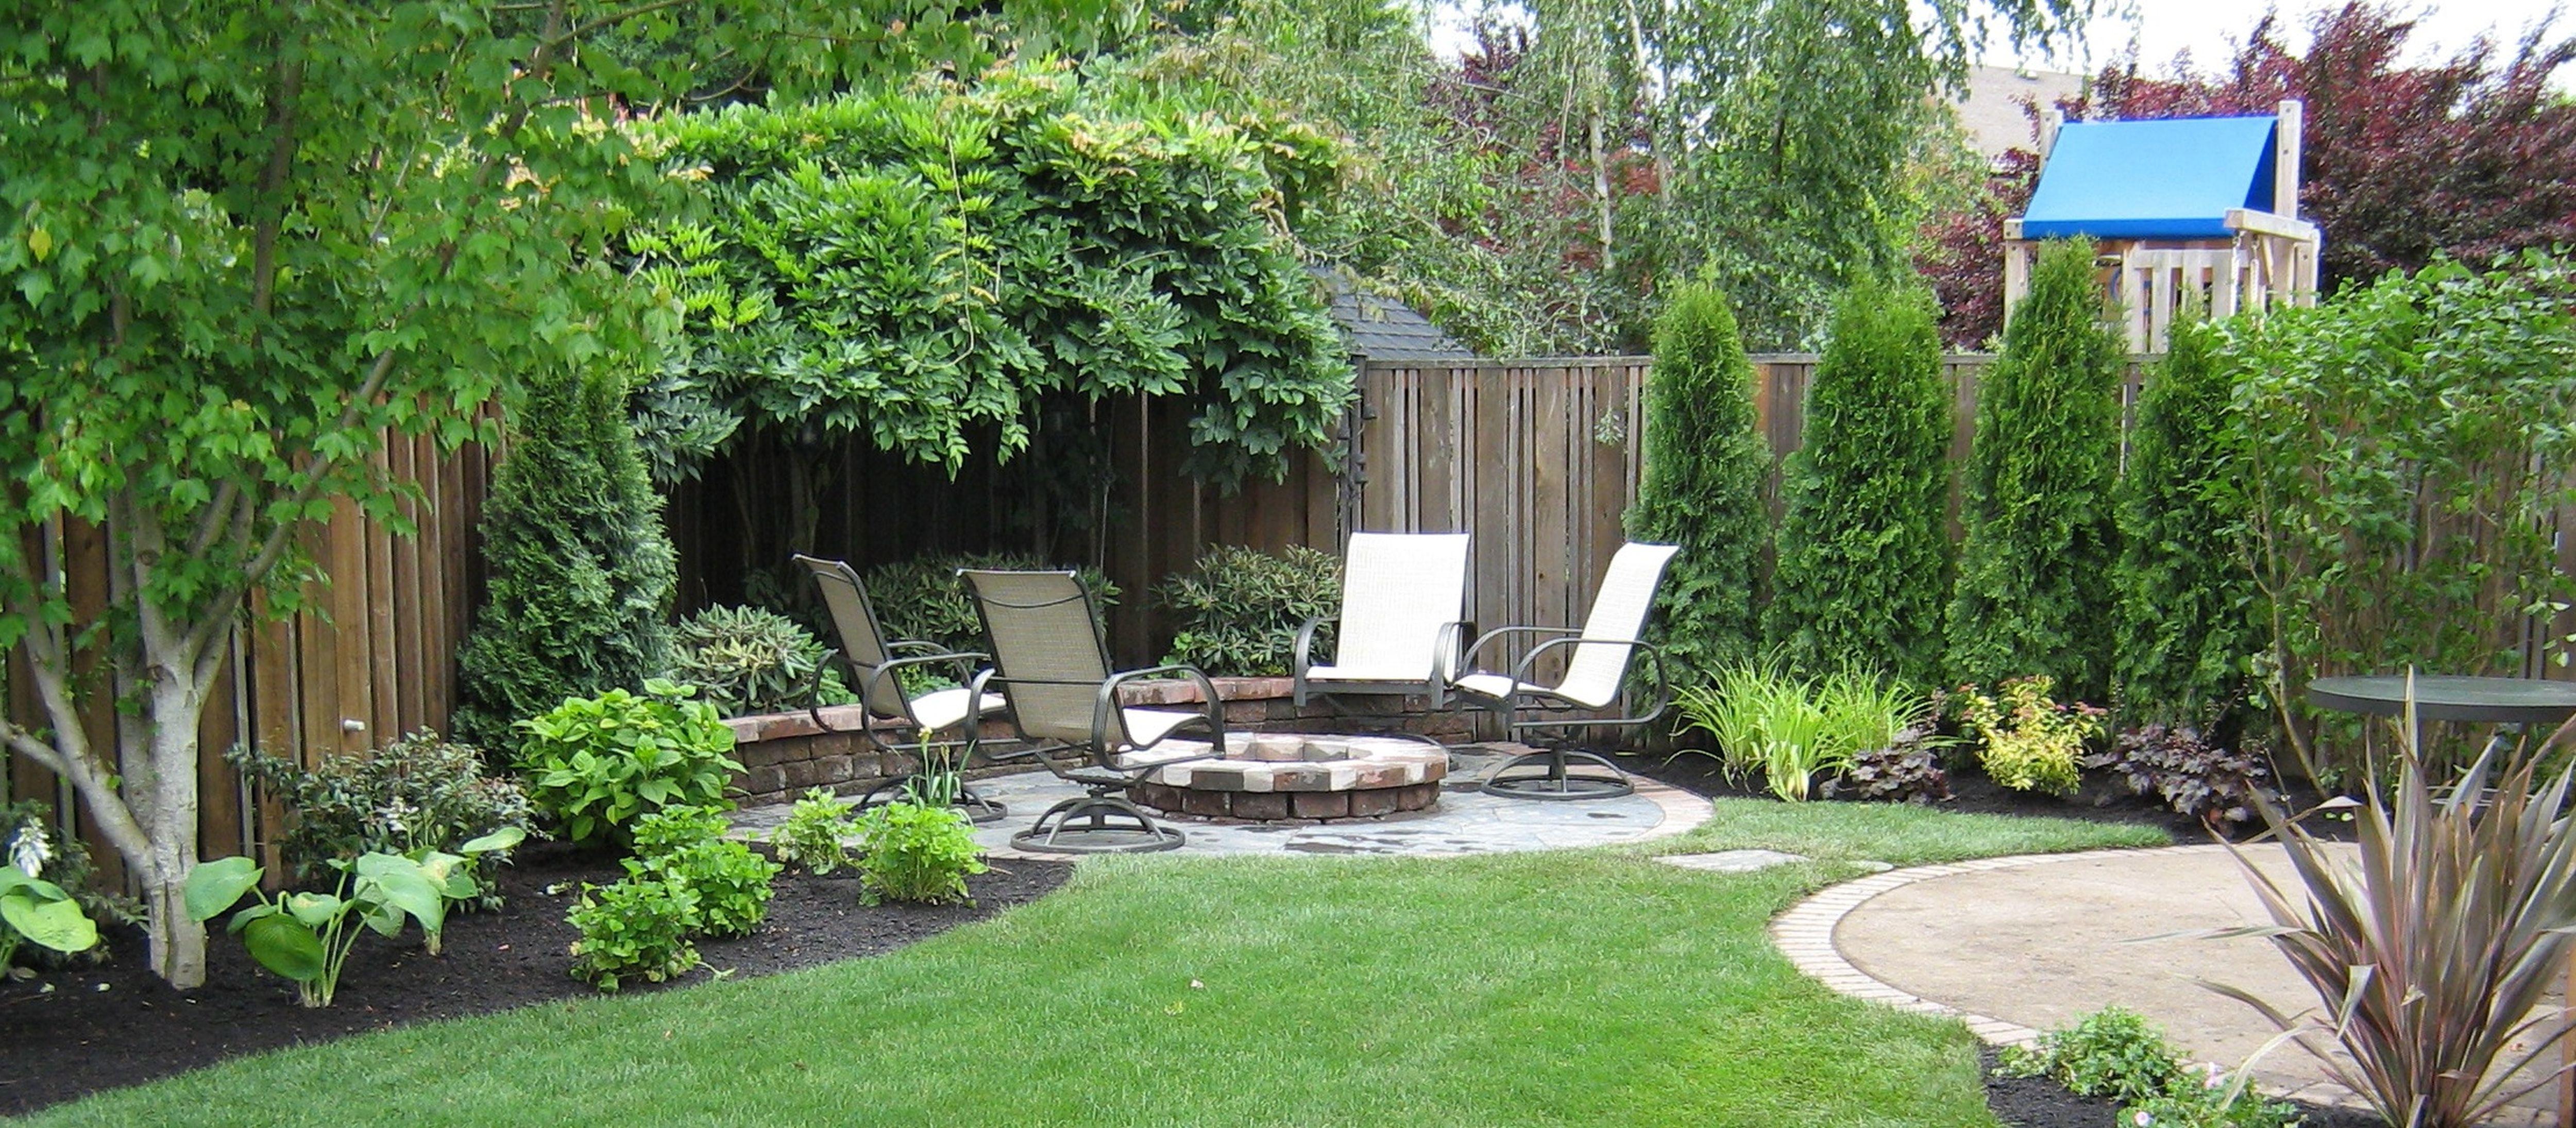 16++ Backyard landscaping ideas ideas